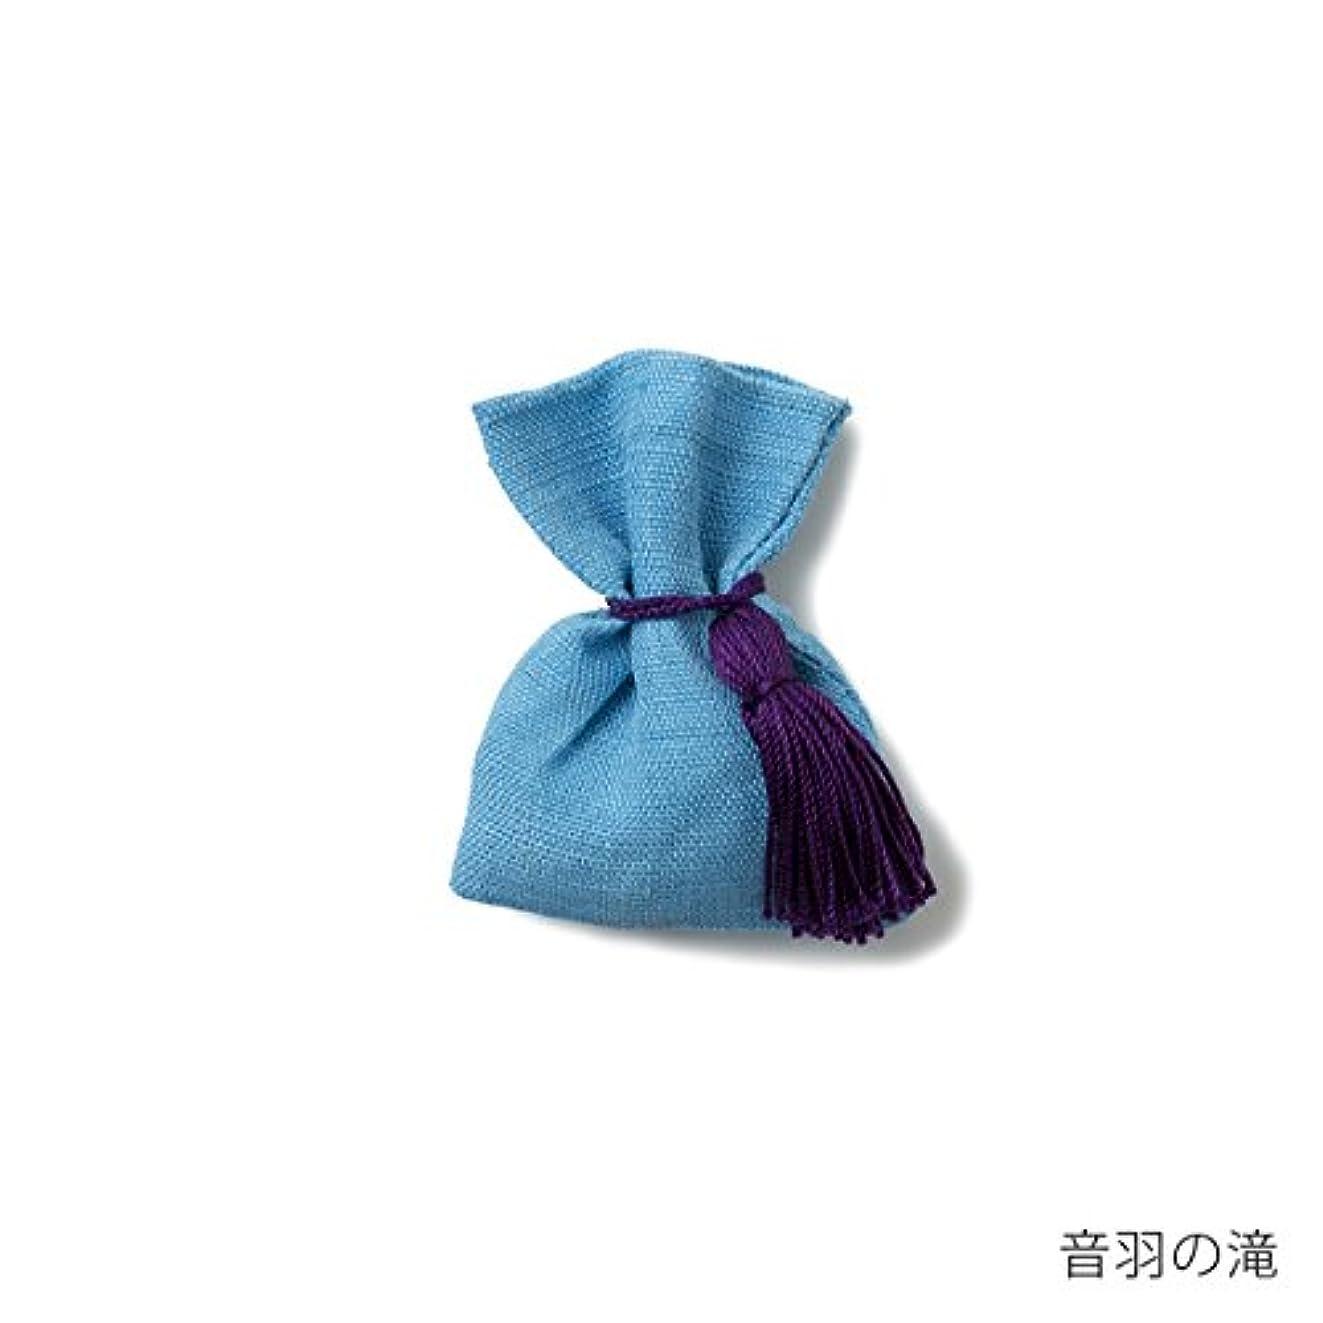 公平な熟読する地殻【薫玉堂】 京の香り 香袋 音羽の滝